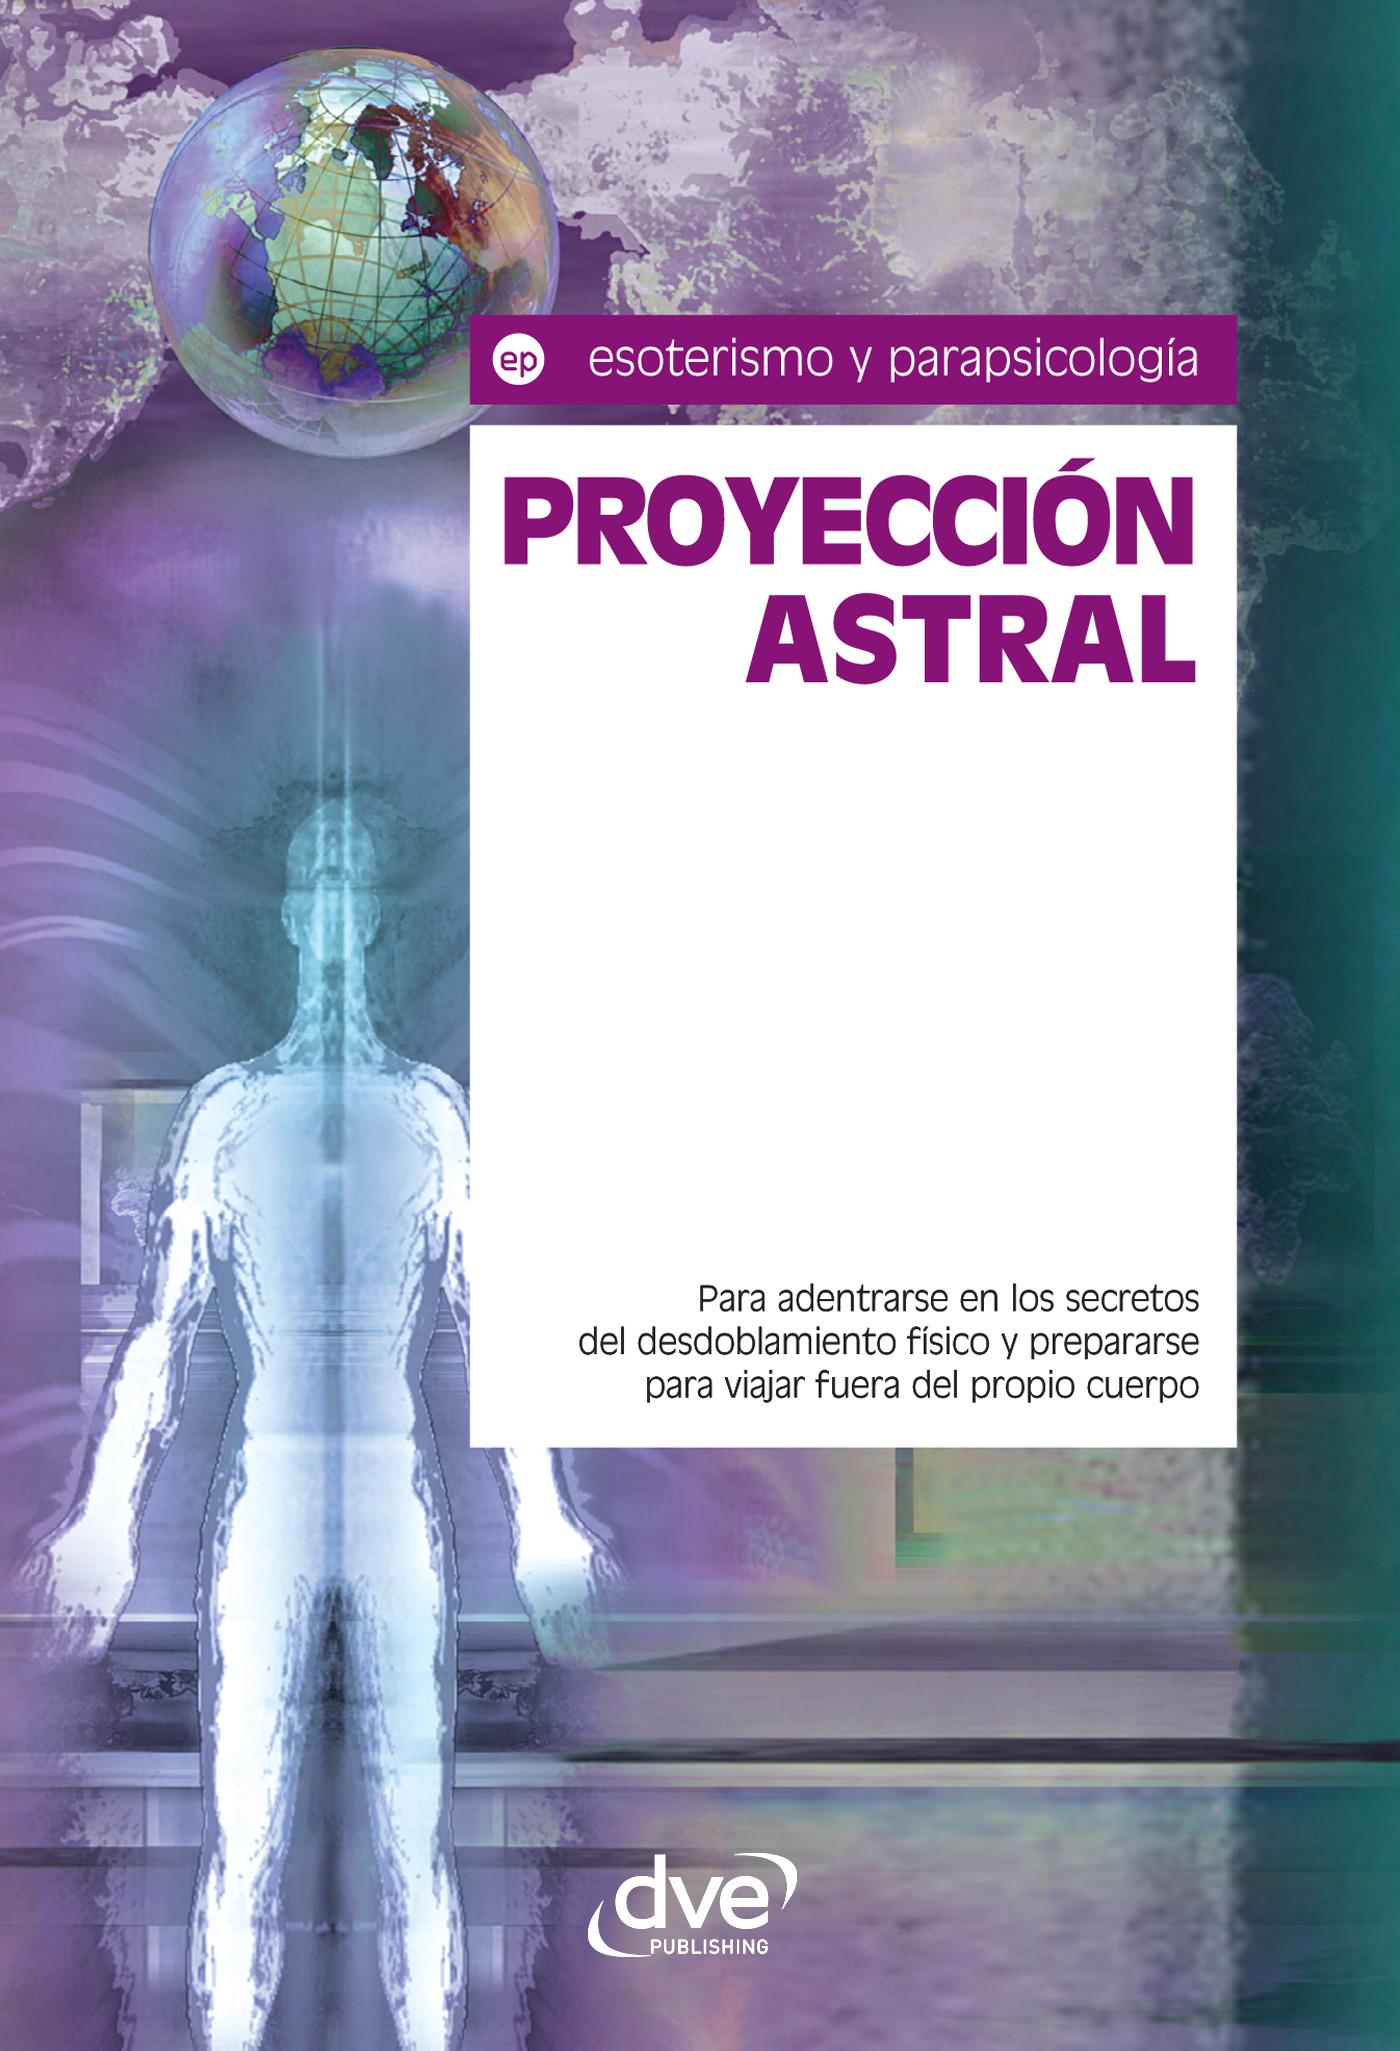 Osiris, Equipo de expertos - Proyección astral. Para adentrarse en los secretos del desdoblamiento físico y prepararse para viajar fuera del propio cuerpo, ebook